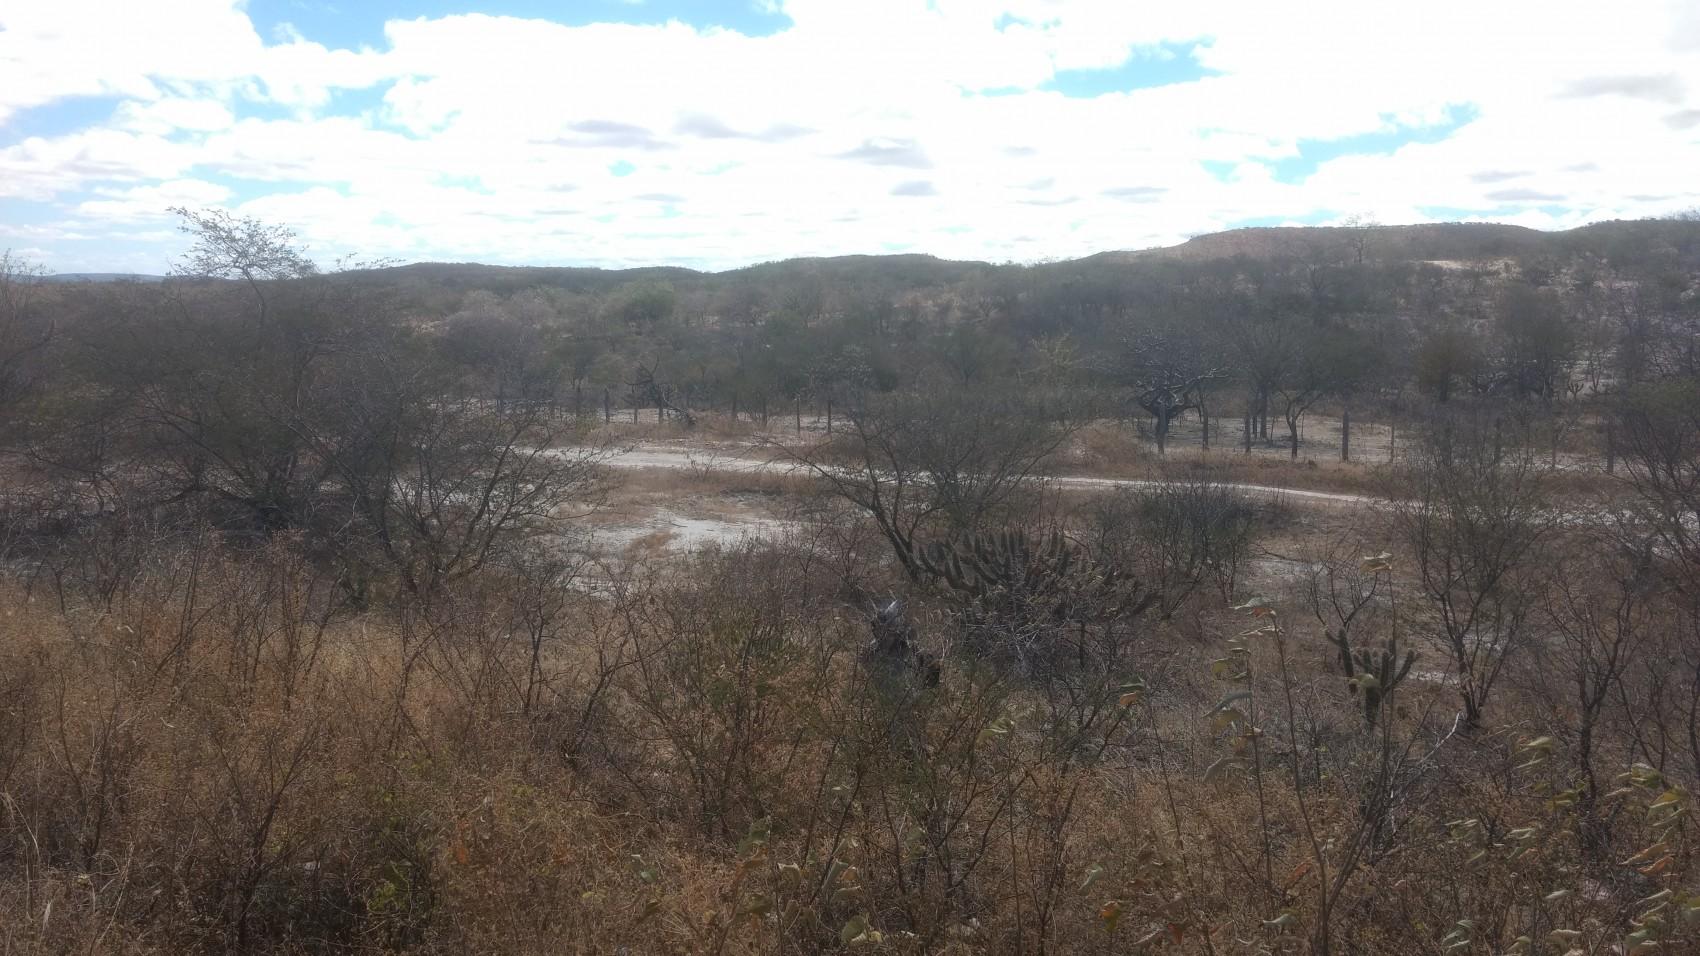 Figura 4 – Foto de recho de Caatinga arbustiva com influência do pastejo de bode, com presença maciça de Pilosocereus gounellei (xique-xique), além de Mimosa spp. e Cynophalla flexuosa. Altitude do trecho: 325 m